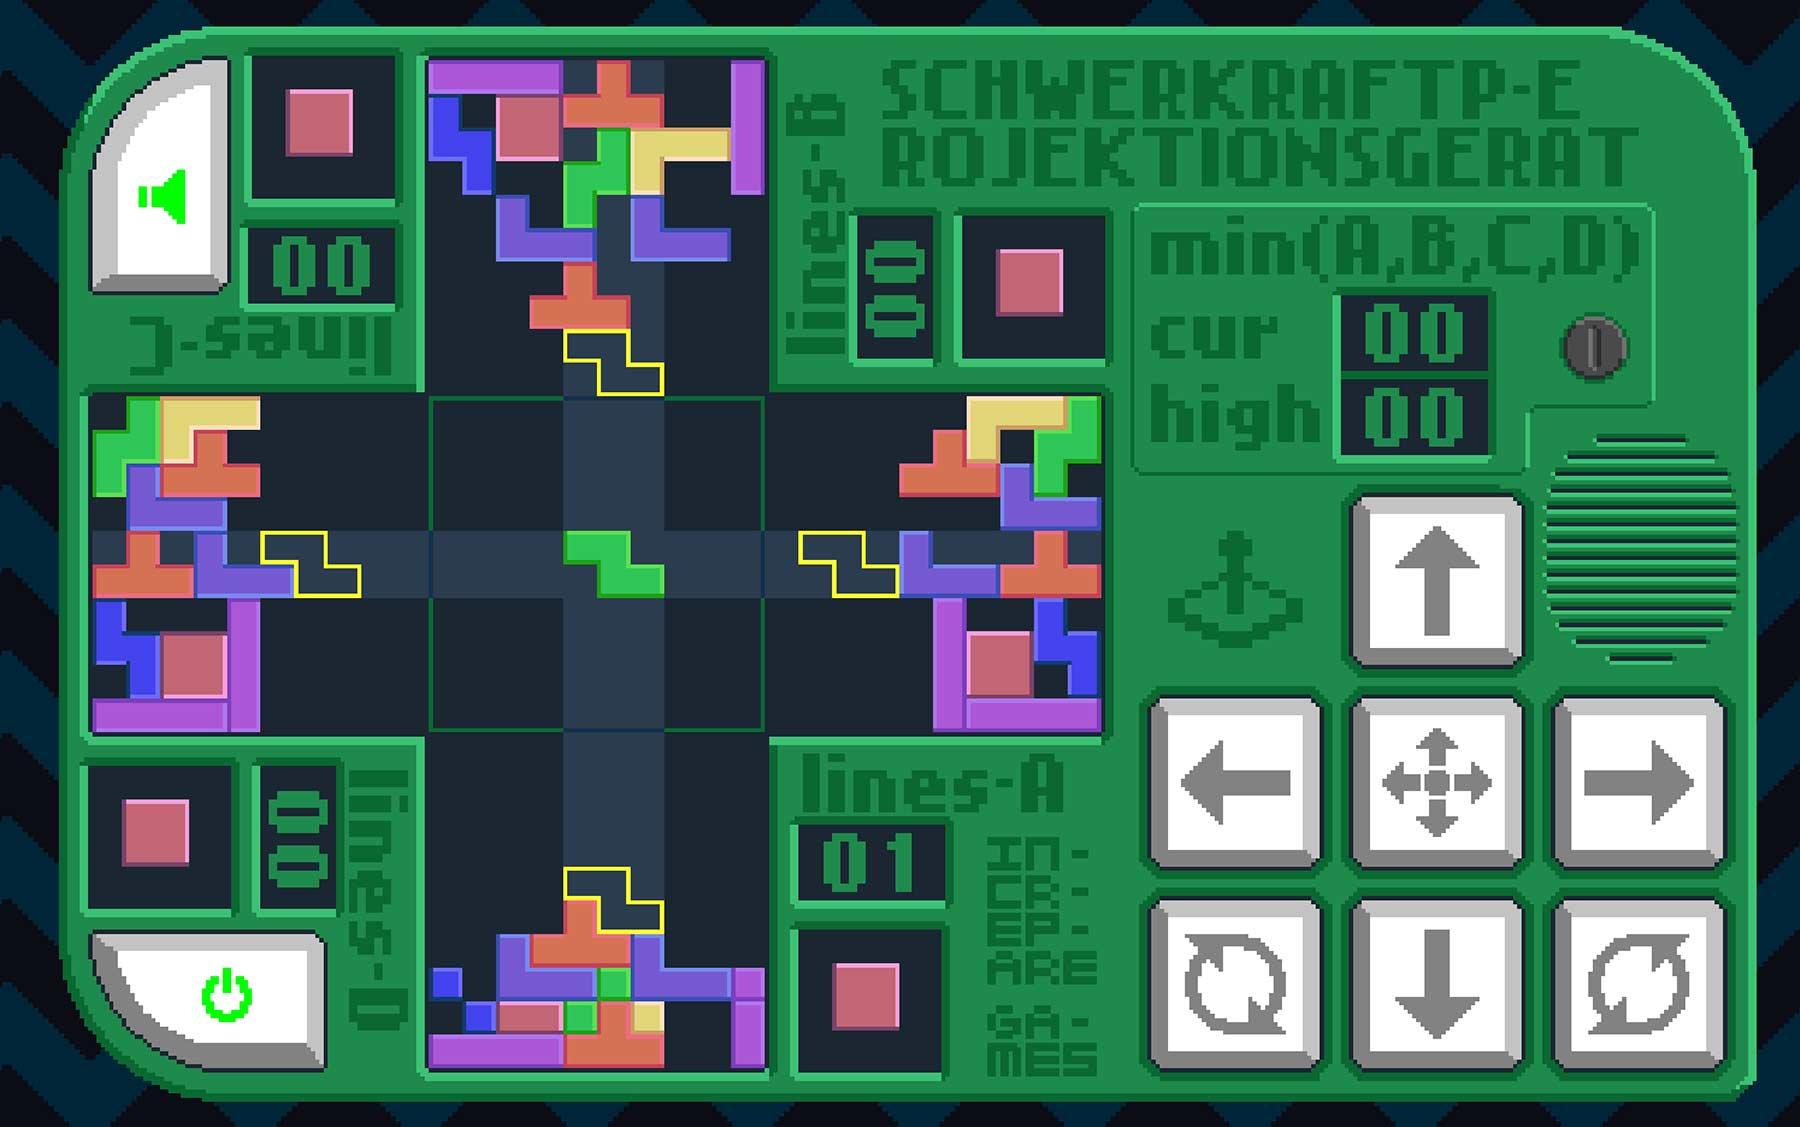 """Gleichzeitig vierfach """"Tetris"""" spielen"""